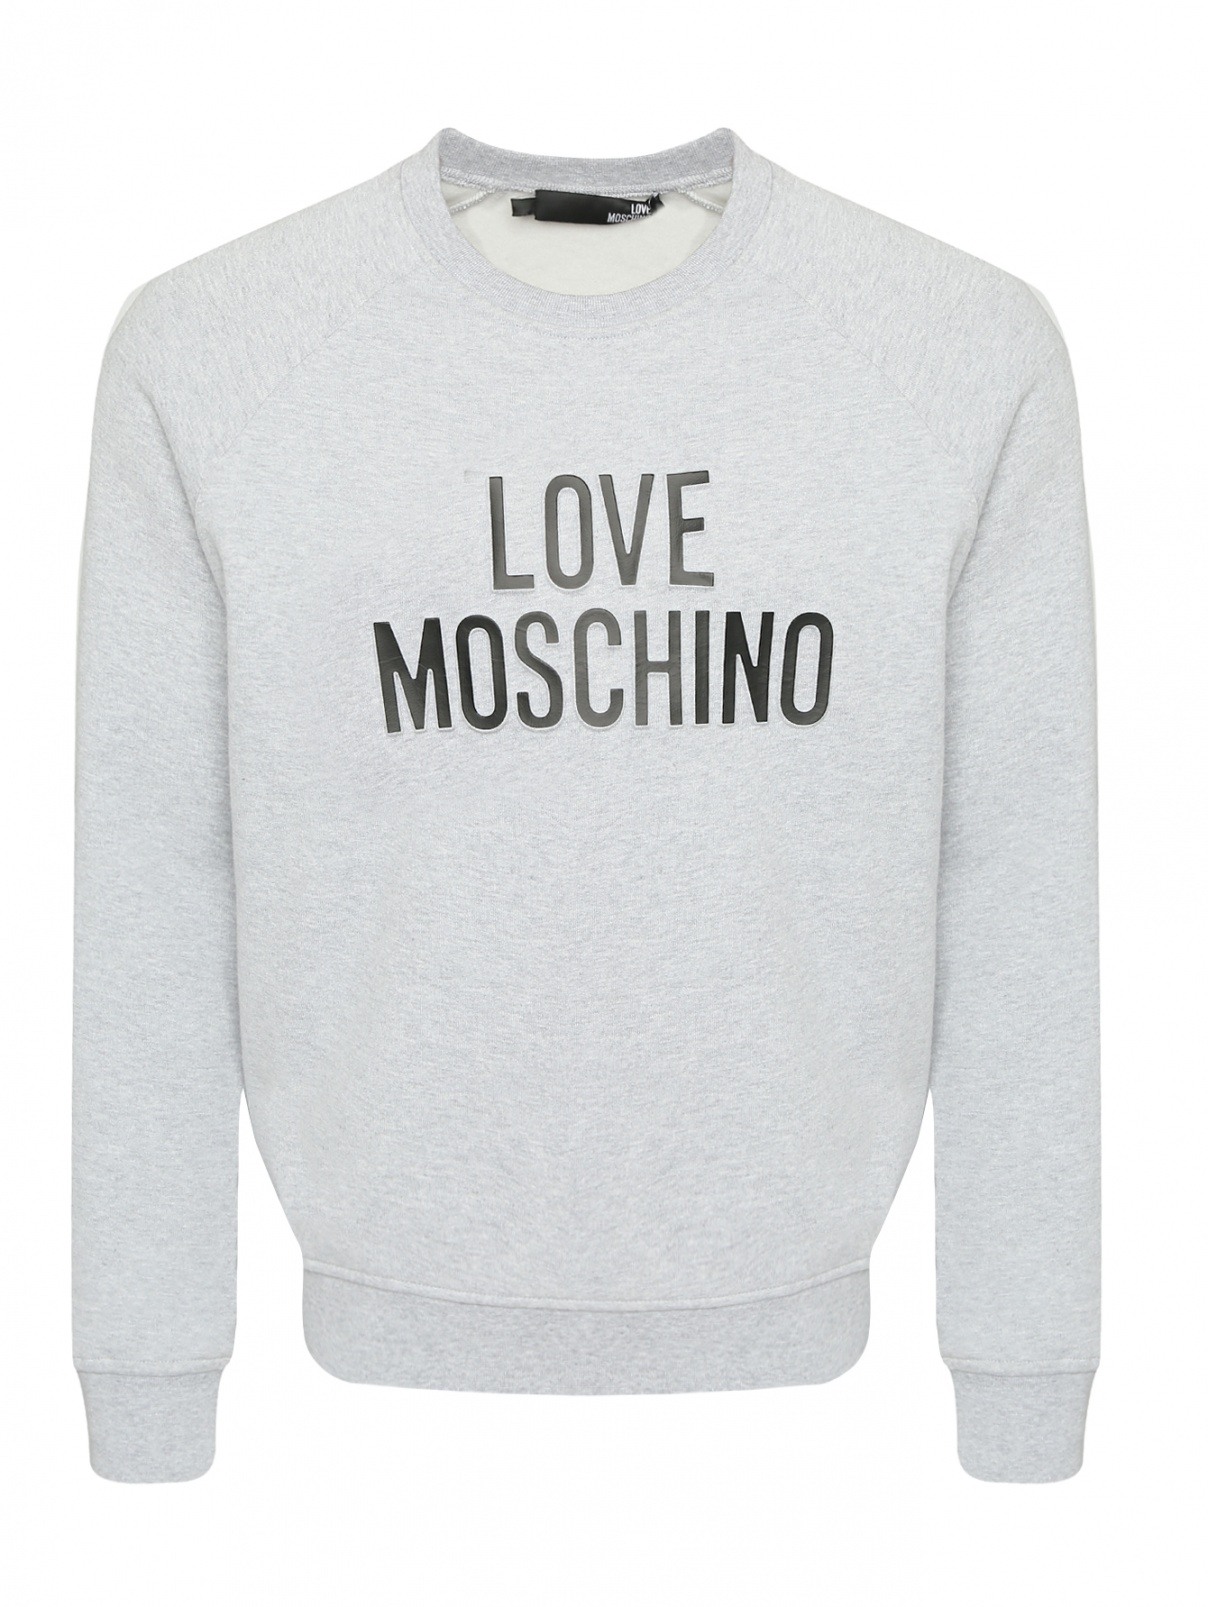 Свитшот из хлопка с принтом Love Moschino  –  Общий вид  – Цвет:  Серый